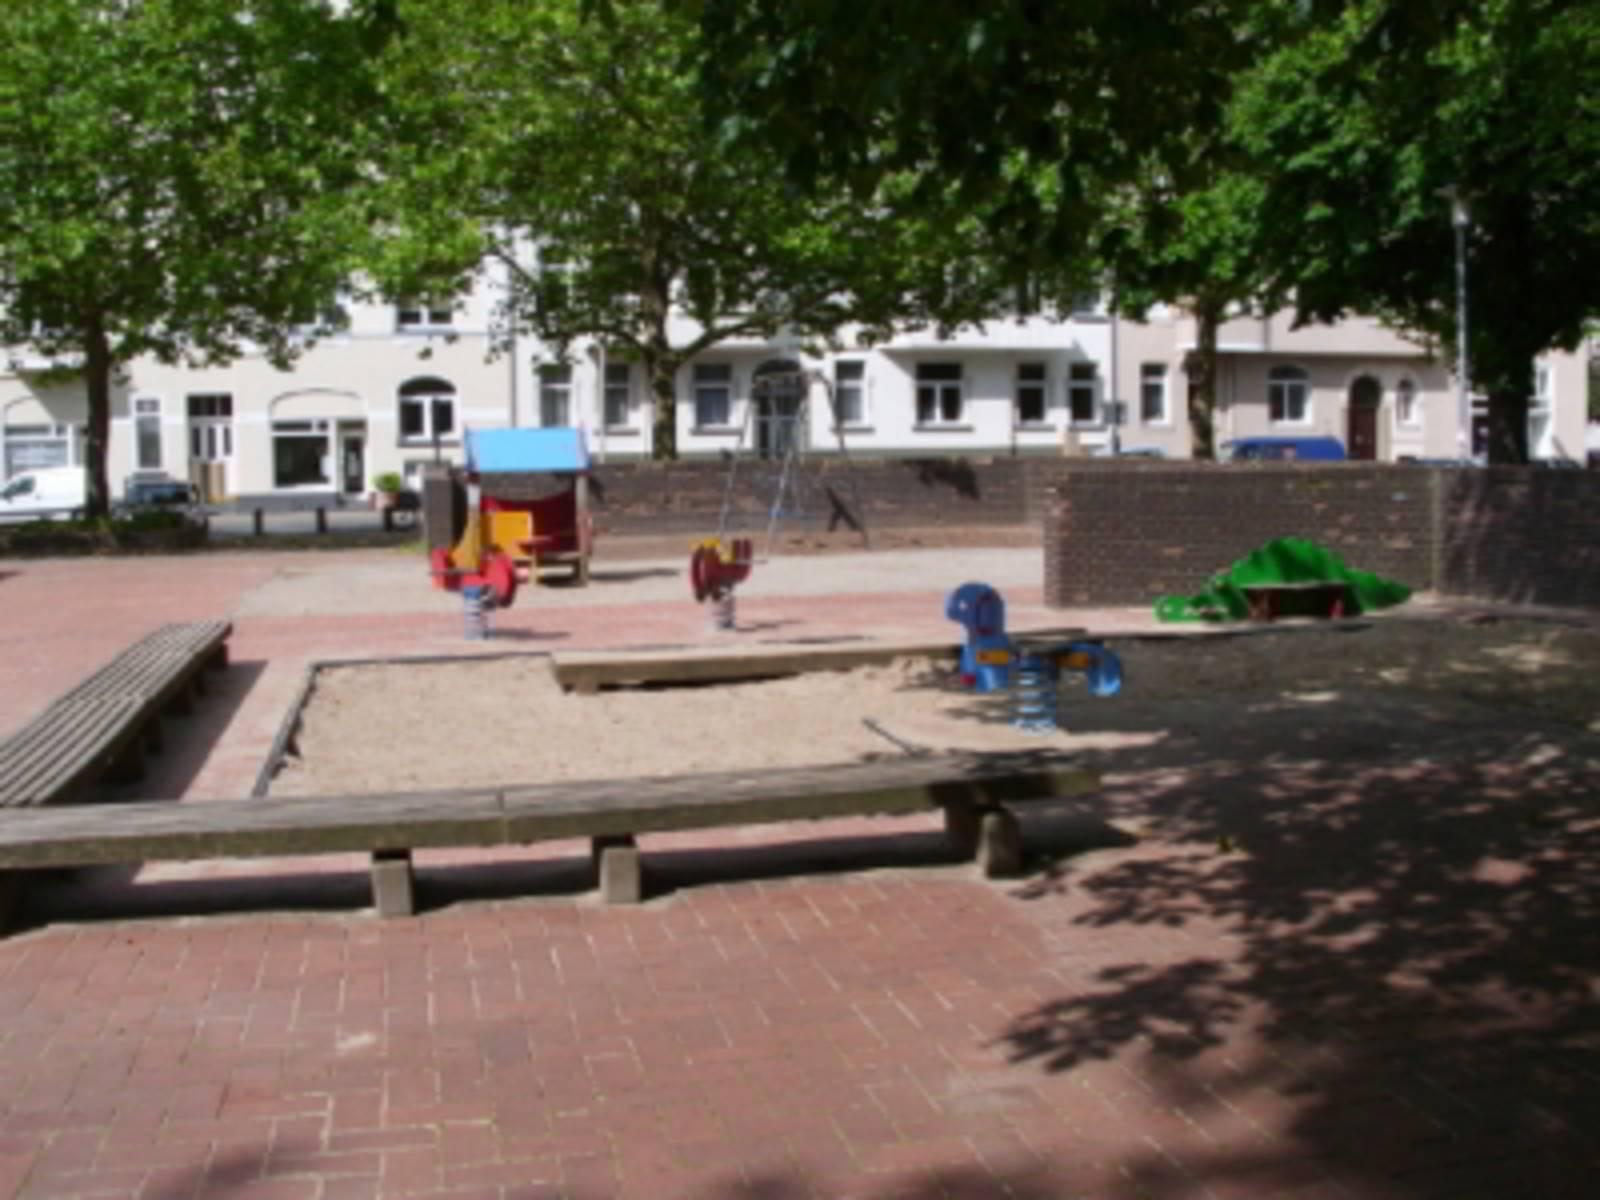 Sandkiste und Spielgeräte auf dem Spielplatz Stephansplatz